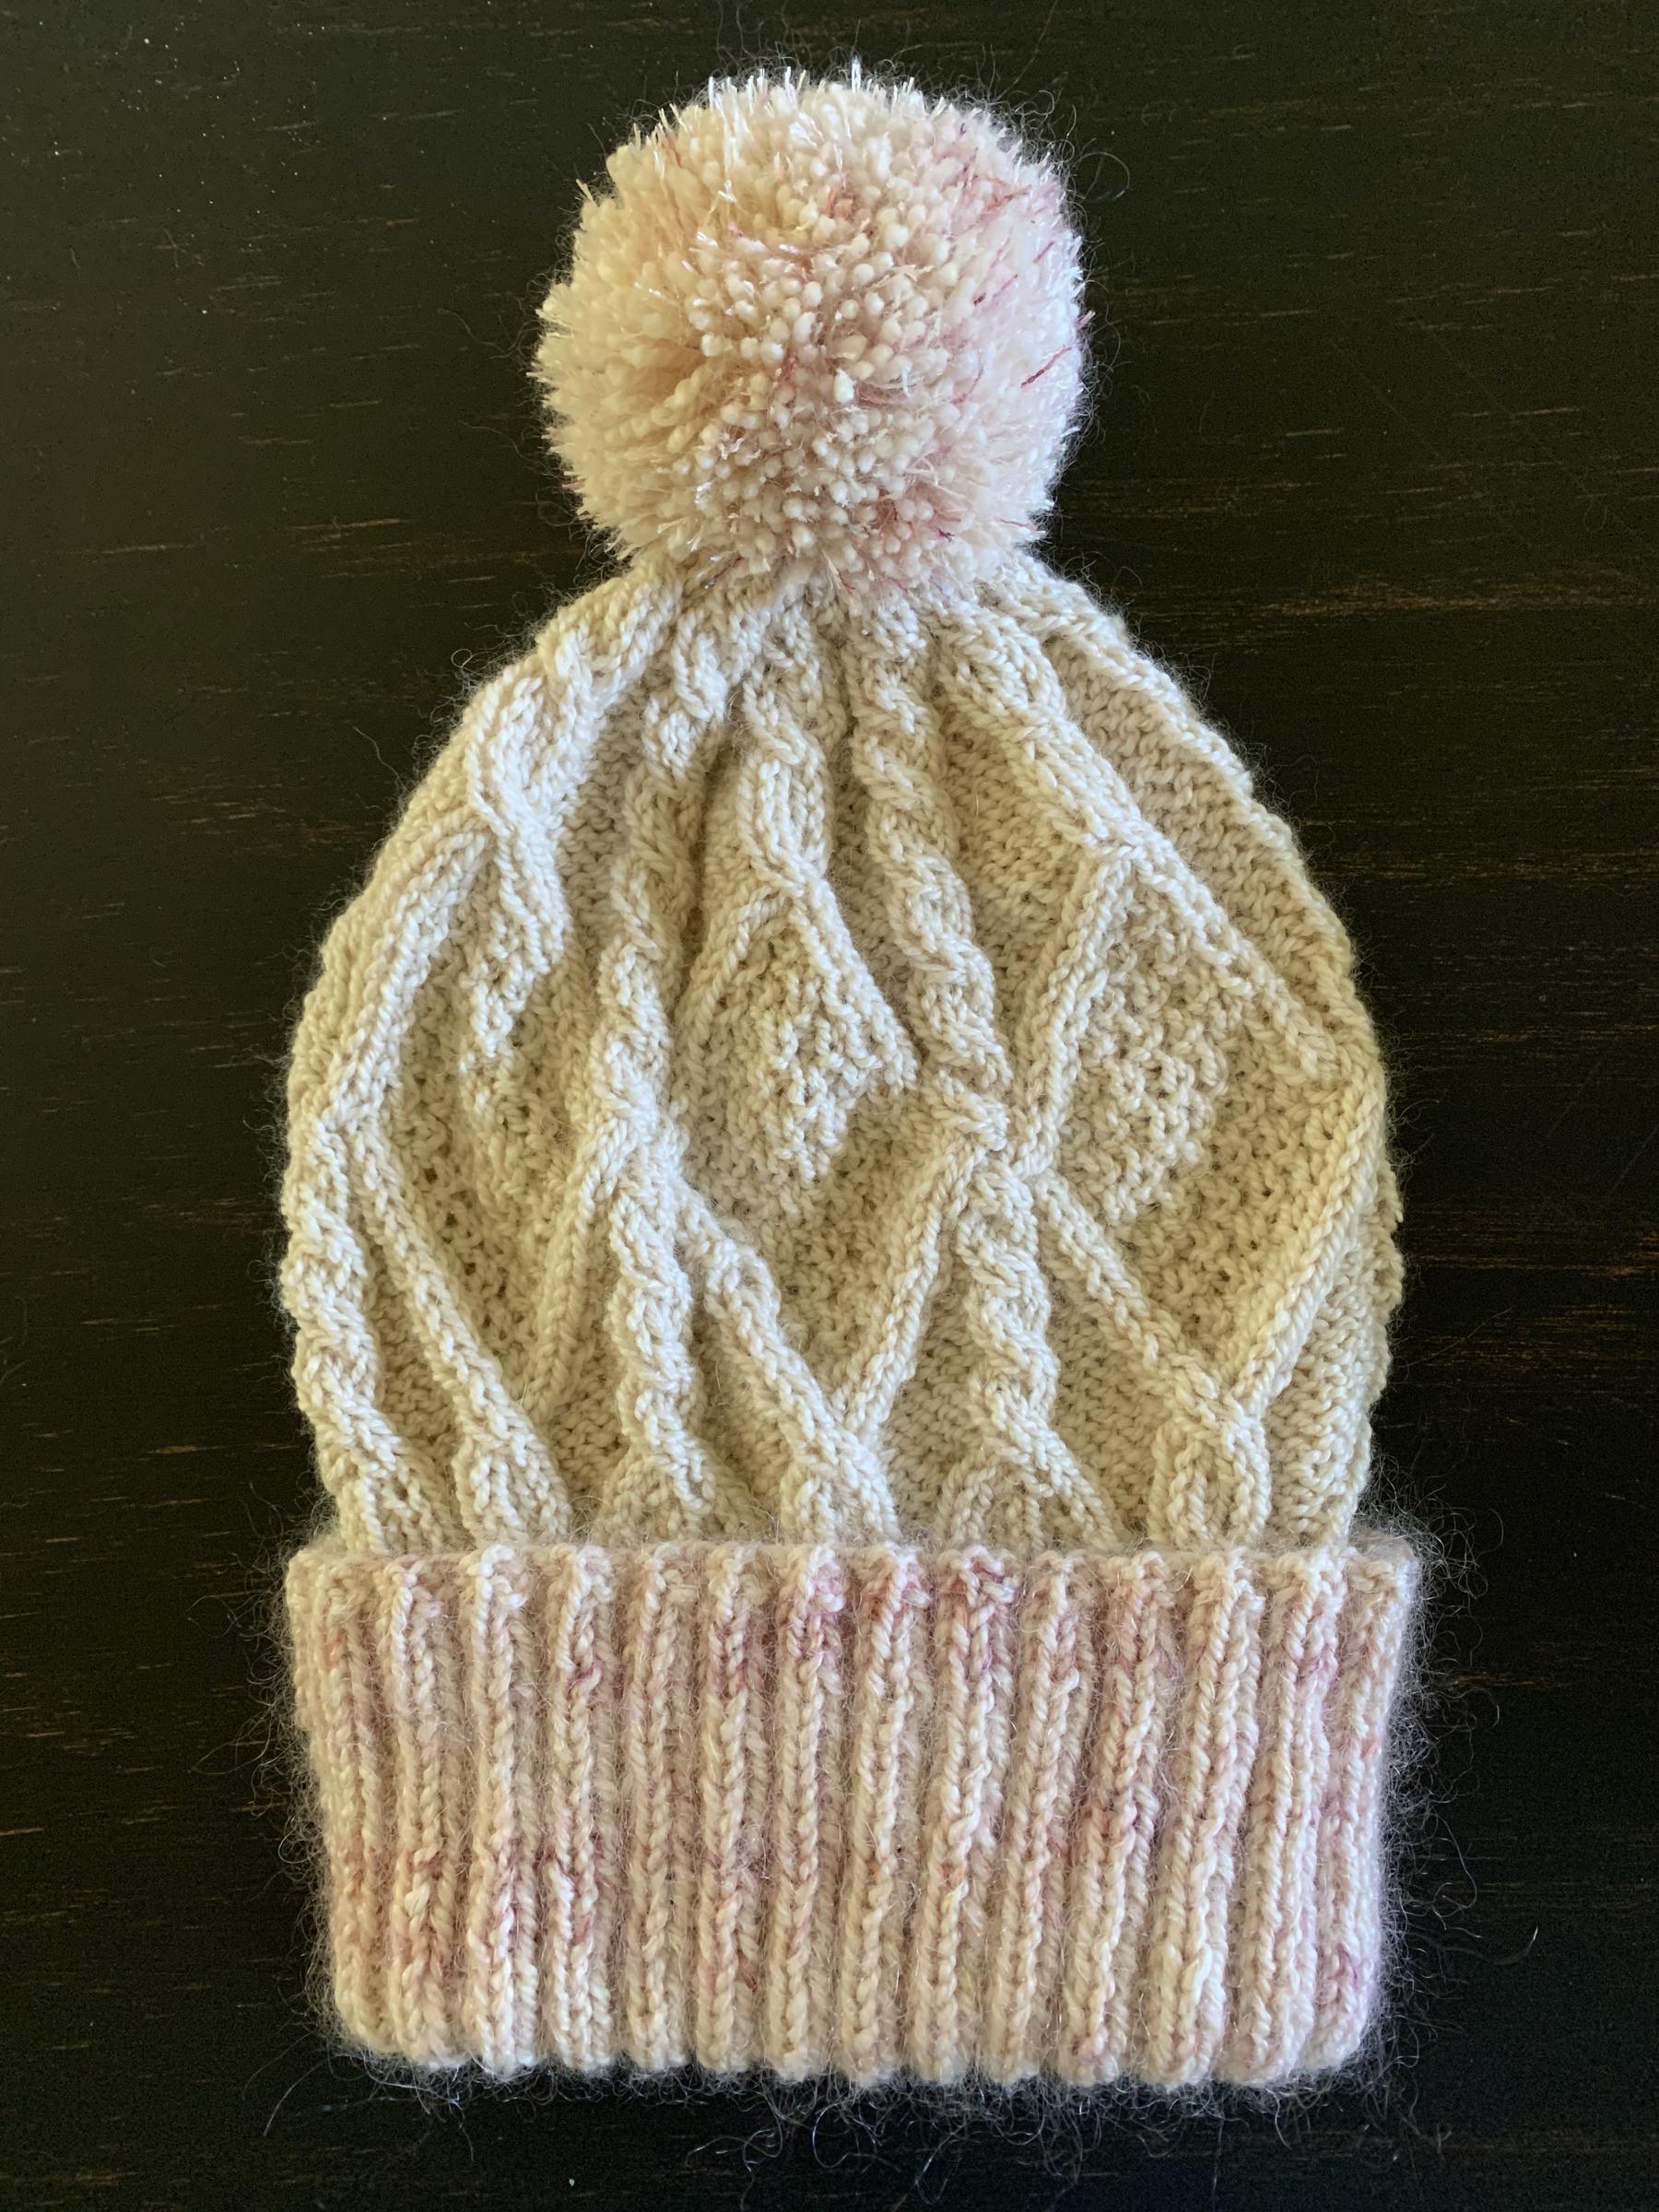 Skiff Watch Cap in Fibre Company Acadia yarn